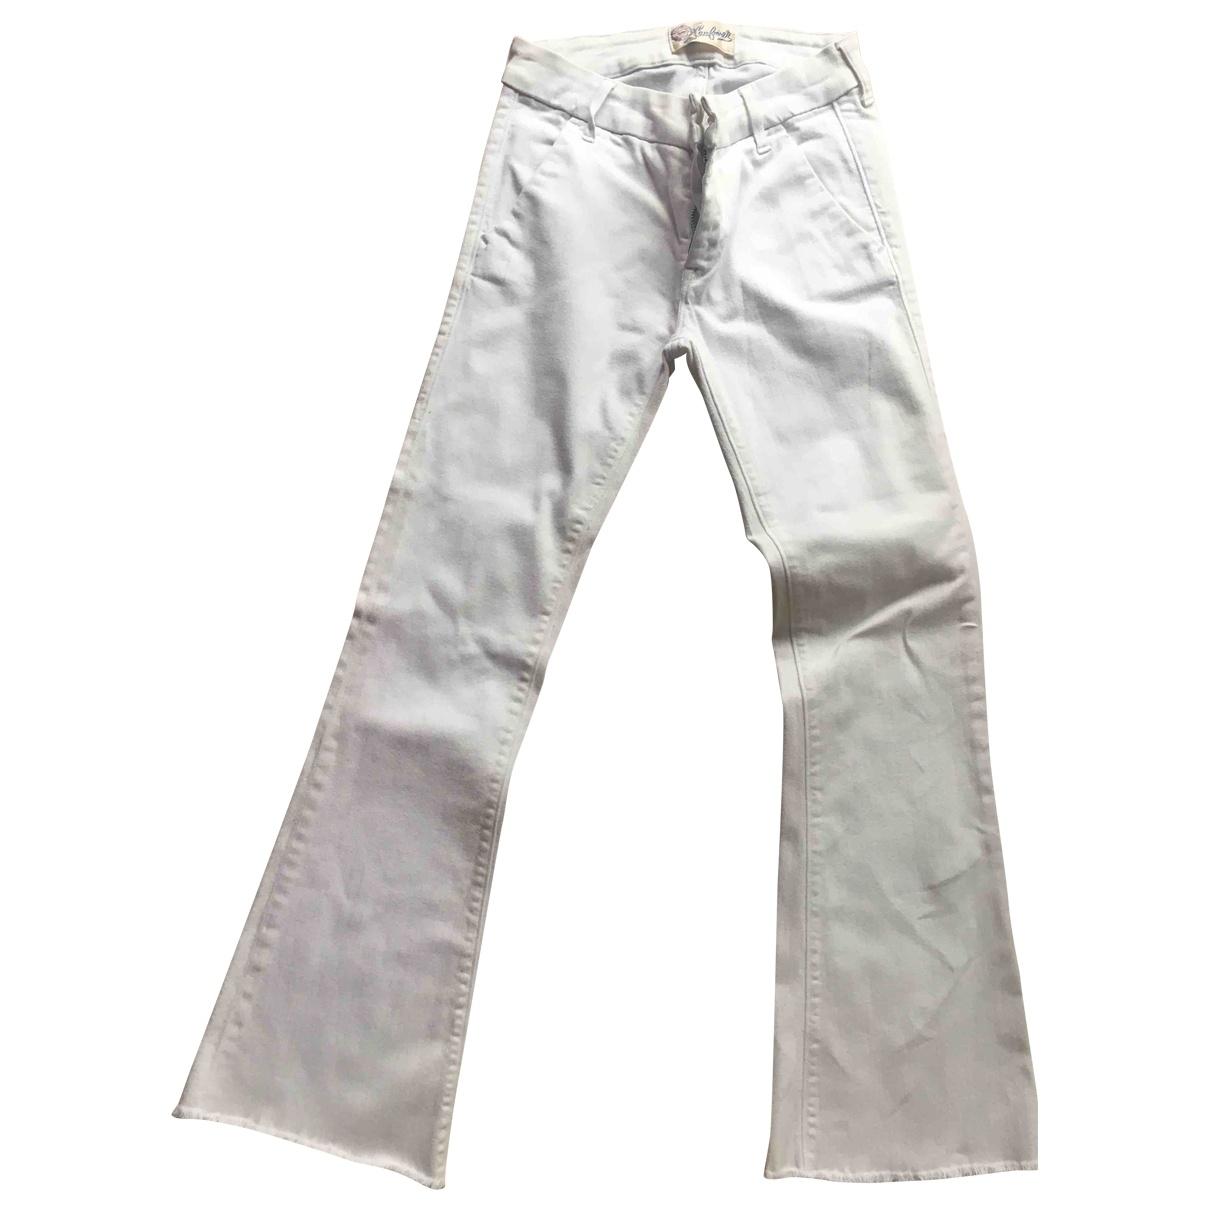 Seafarer \N White Denim - Jeans Jeans for Women 34 FR